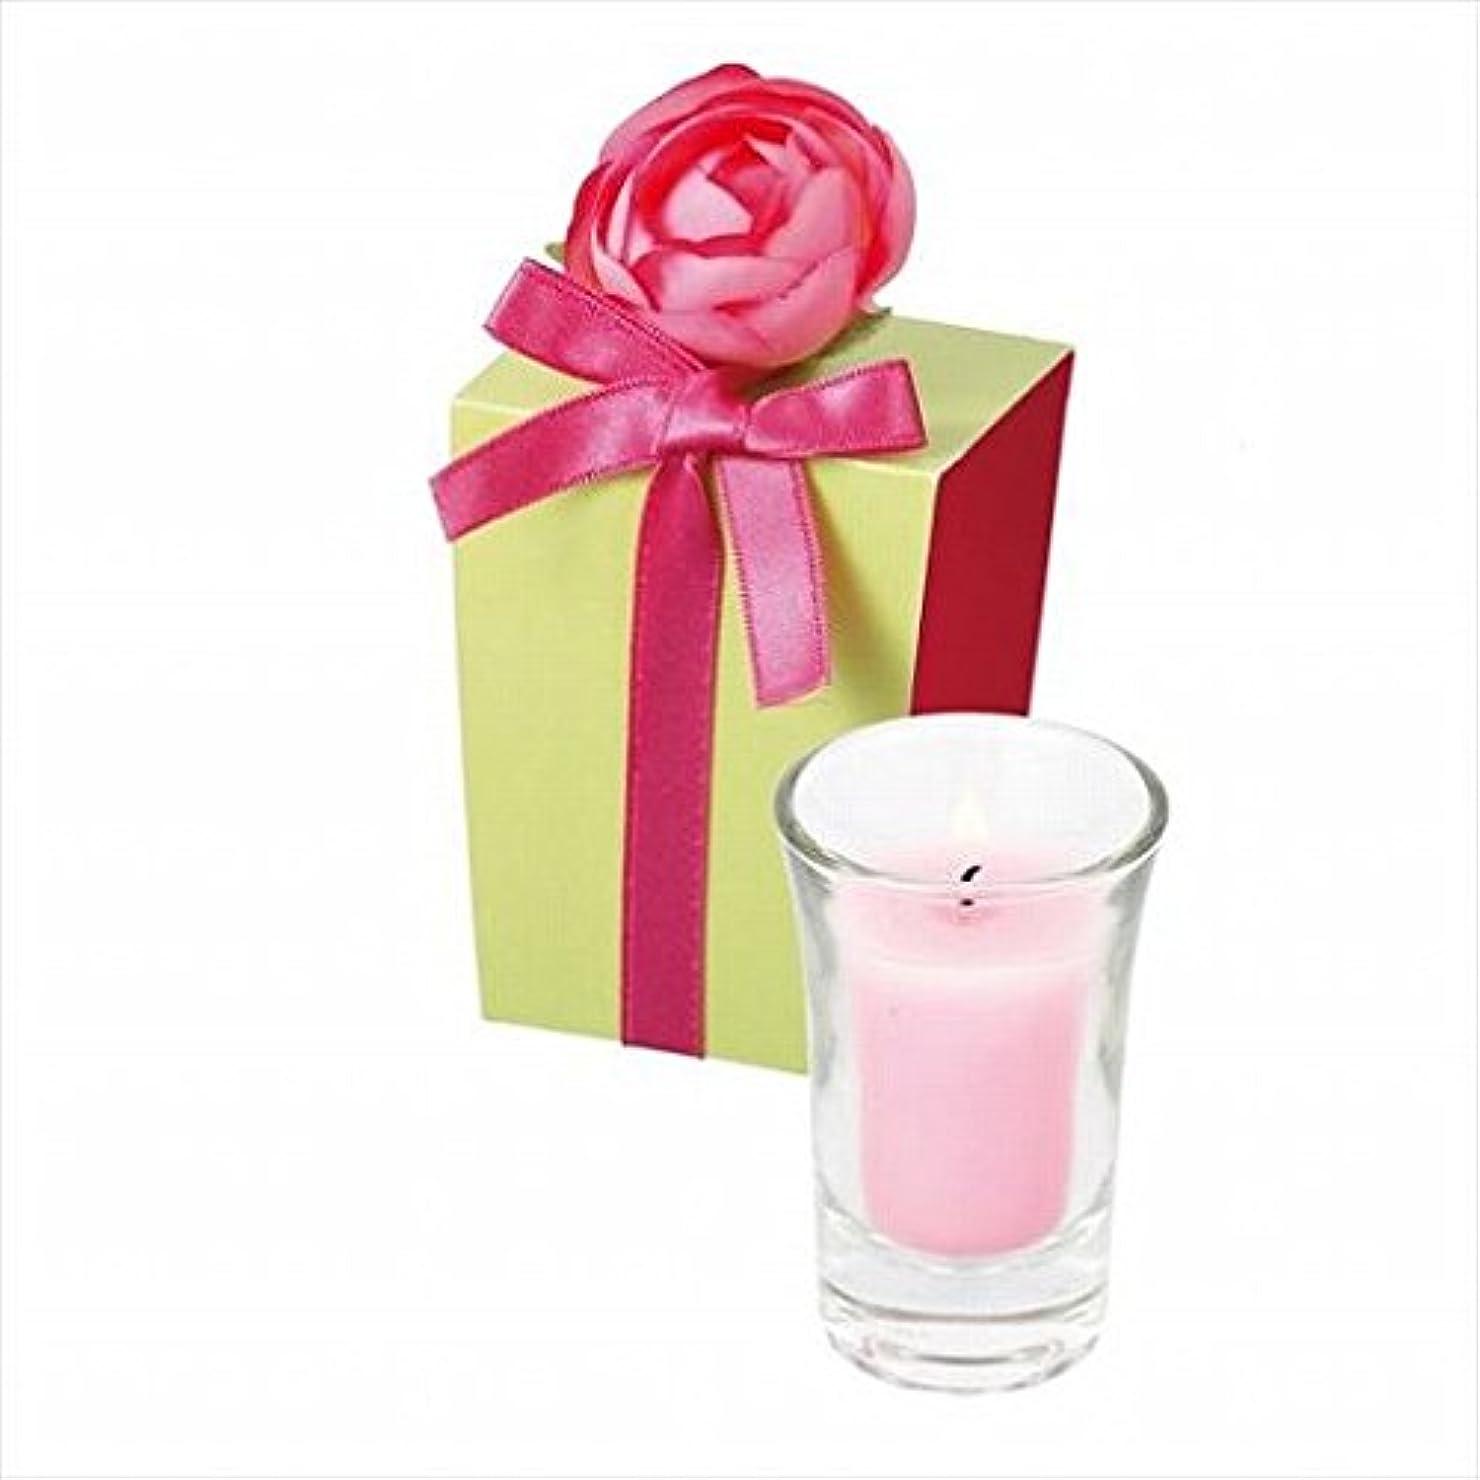 インストール繊細天文学kameyama candle(カメヤマキャンドル) ラナンキュラスグラスキャンドル 「 ピンク 」(A9390500PK)